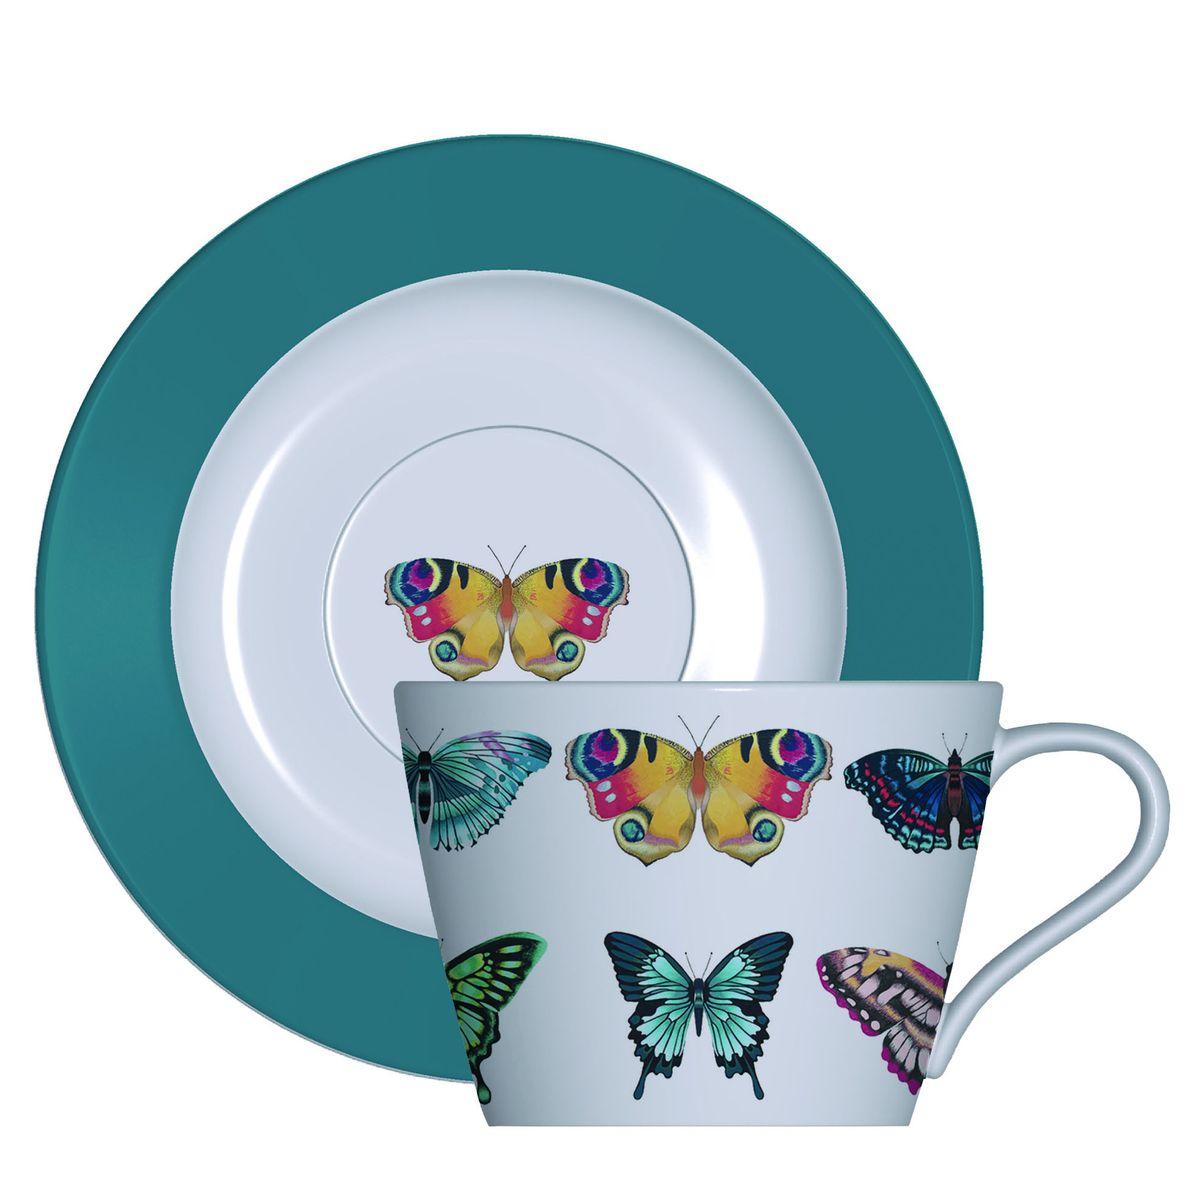 Чайная пара Churchill Бабочки, 2 предметаHARL00341Чайная пара Churchill Бабочки состоит из чашки и блюдца. Изделия выполнены из высококачественного костяного фарфора и оформлены красочным изображением бабочек. Можно мыть в посудомоечной машине. Можно использовать в микроволновой печи.